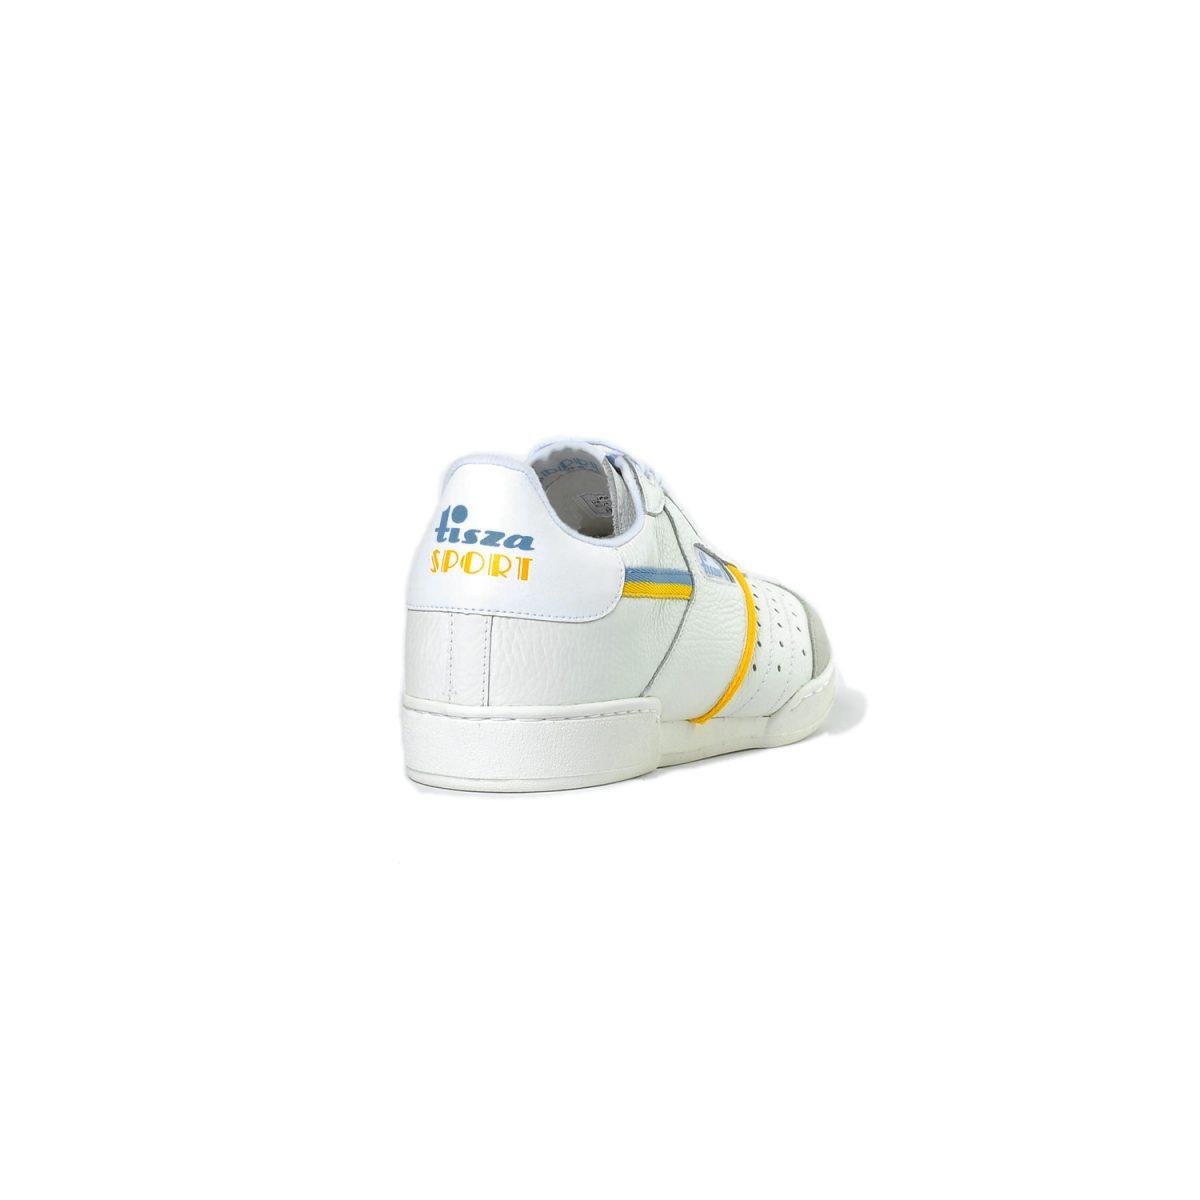 Tisza cipő - Sport - Fehér-sárga-kék